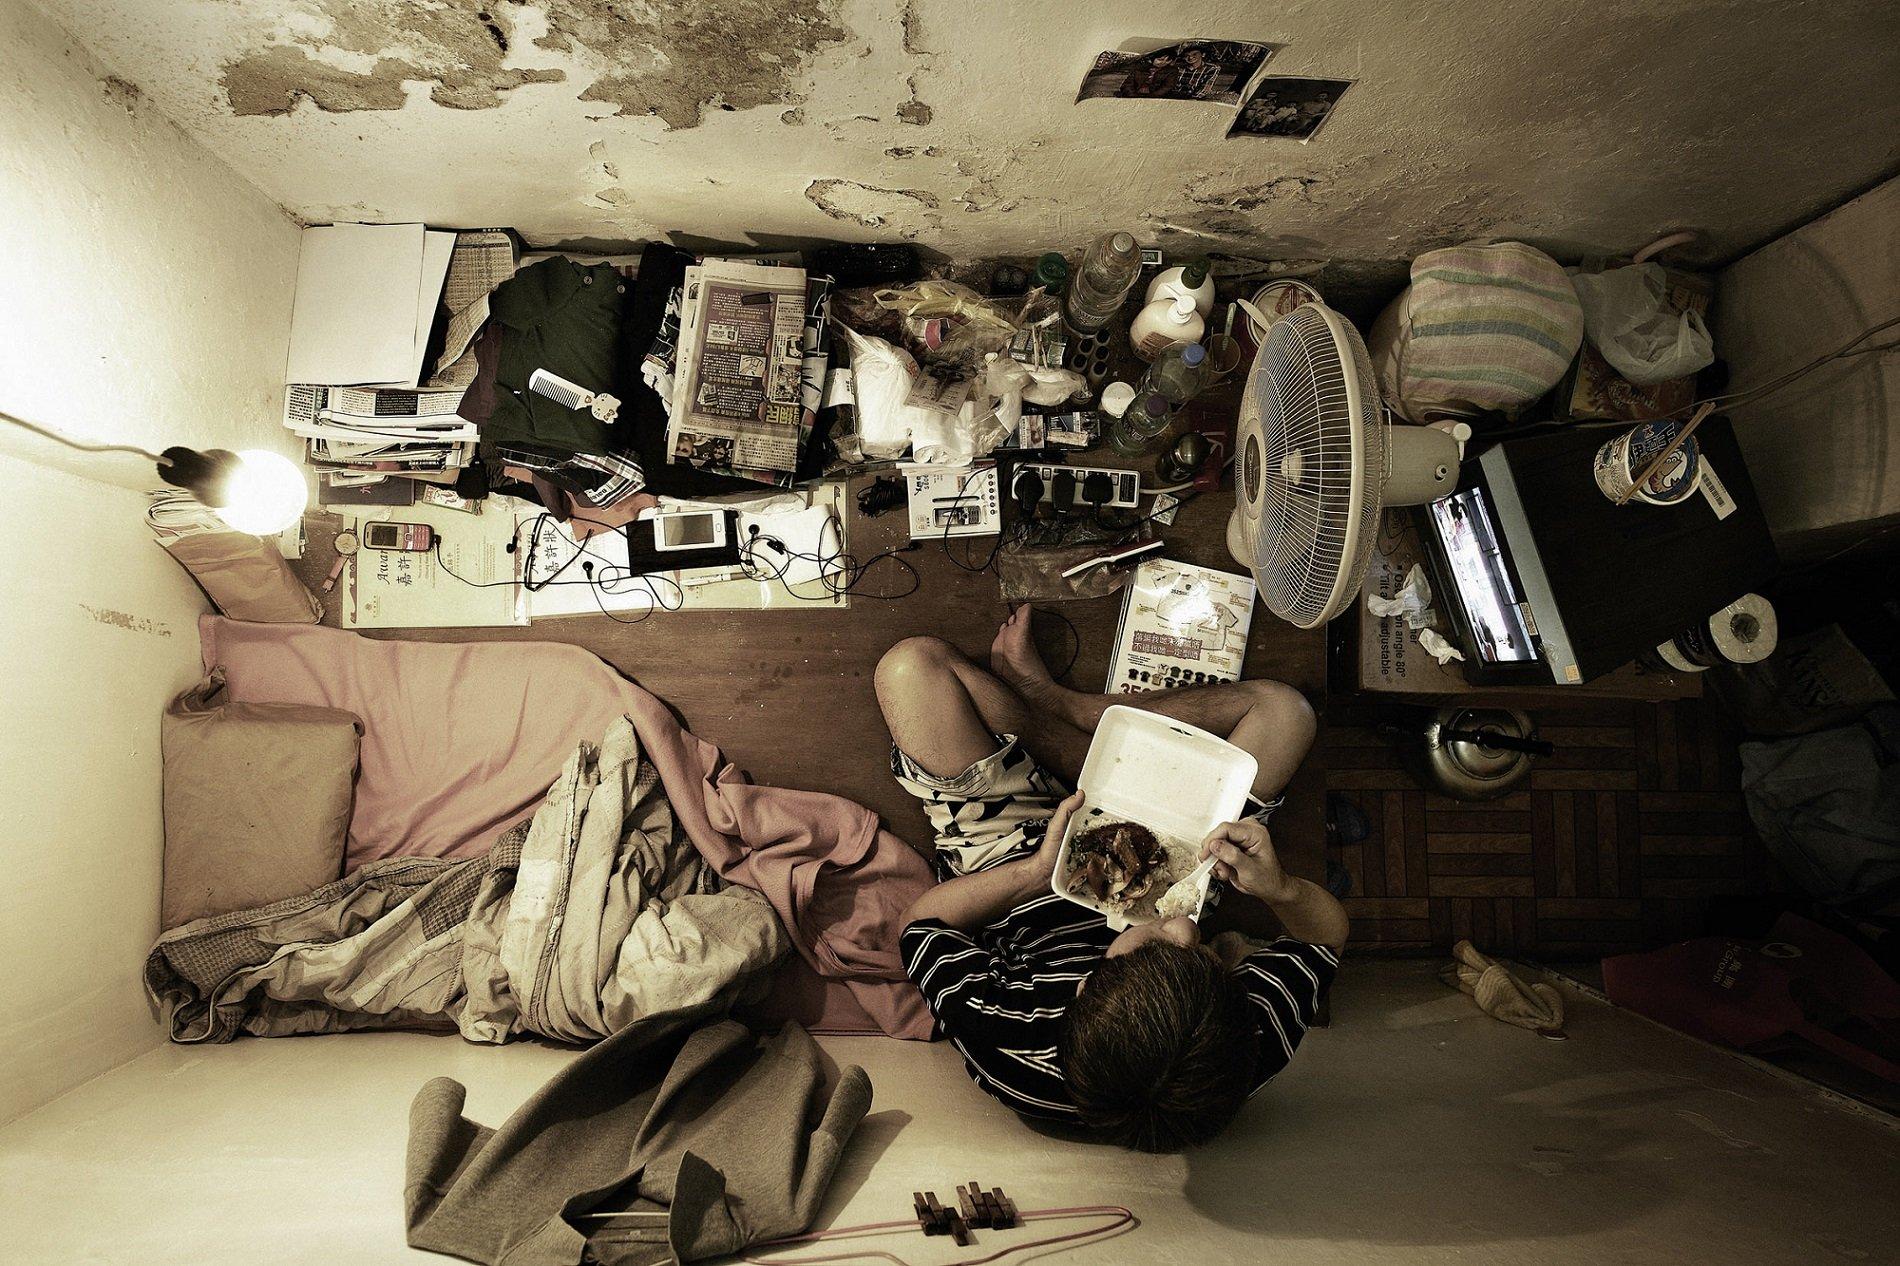 Benny Lam маленькие квартиры в гонконге жилье в гонконге отвратительные мужики disgusting men